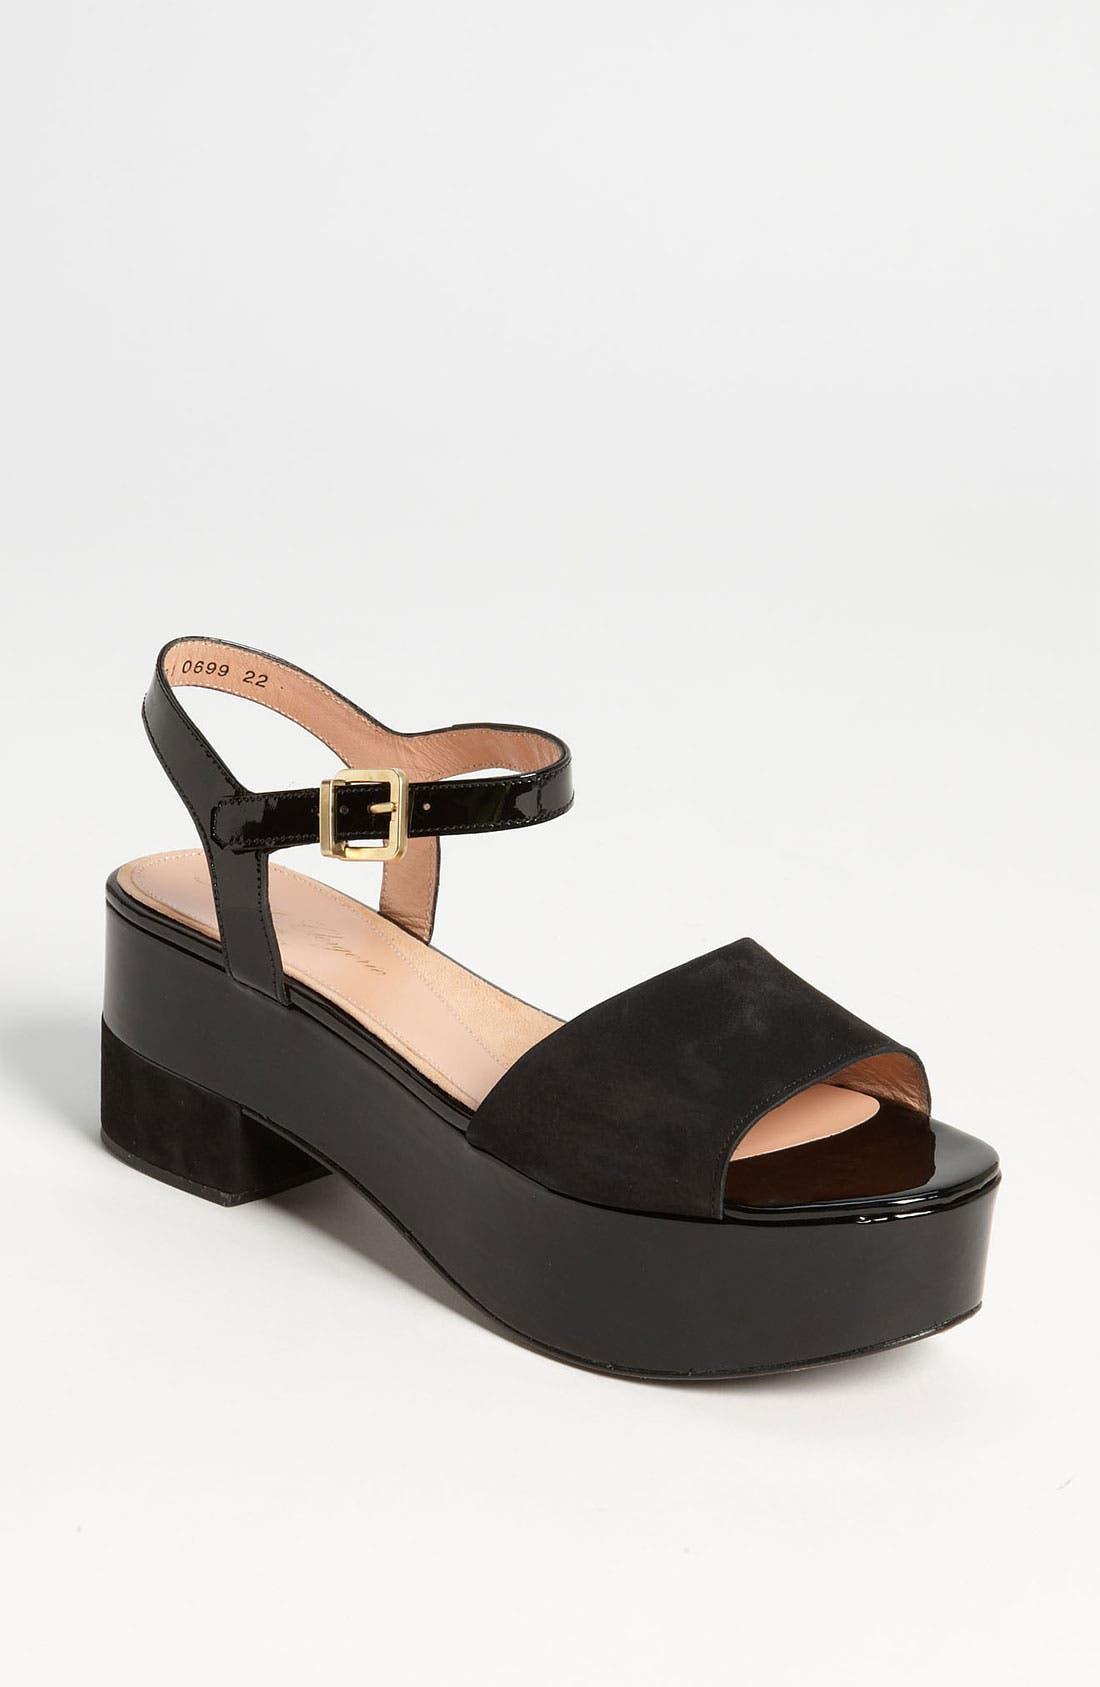 Main Image - Robert Clergerie 'Ekora' Sandal